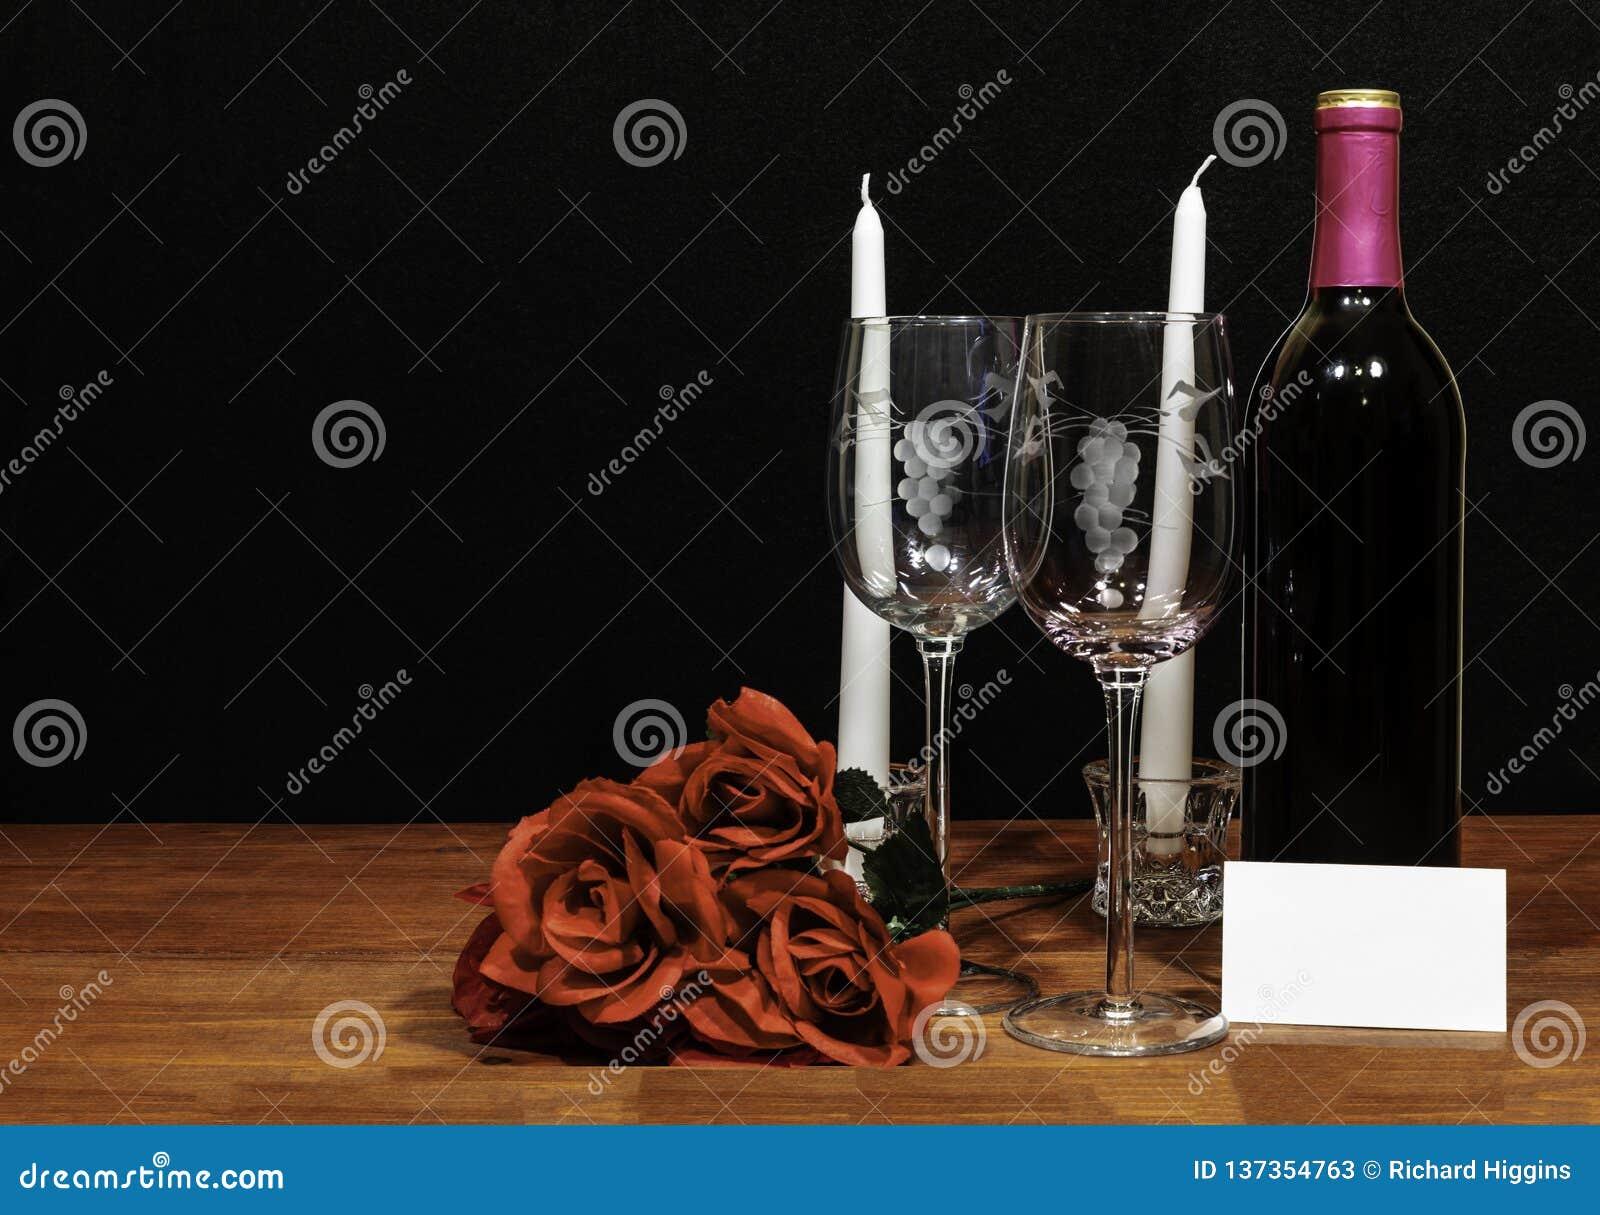 美丽的被铭刻的酒杯和瓶红酒、白色蜡烛和英国兰开斯特家族族徽在木桌上与名牌在黑暗的背景